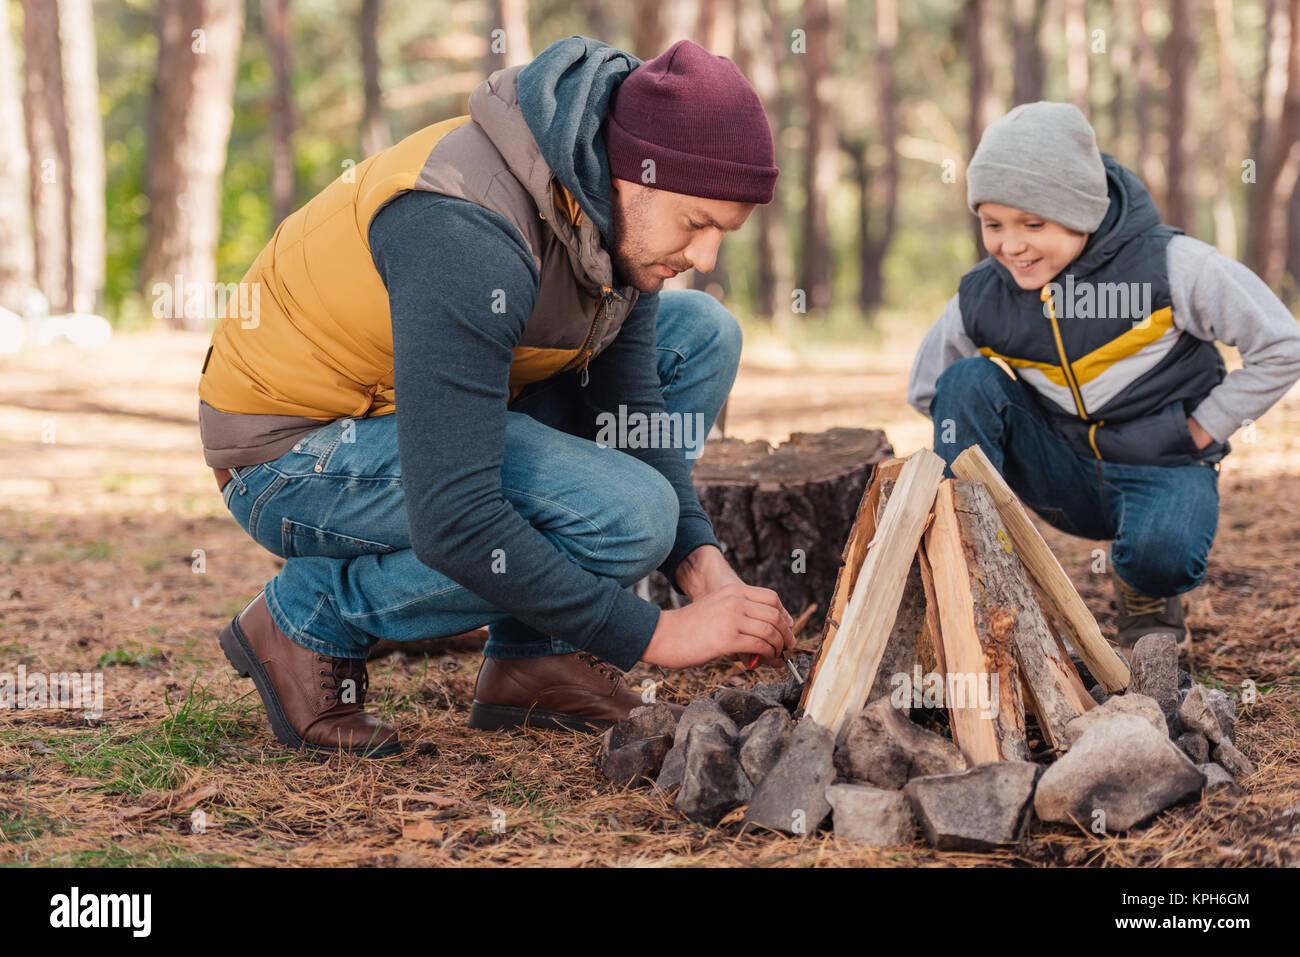 Vater und Sohn entzündete Lagerfeuer Stockbild